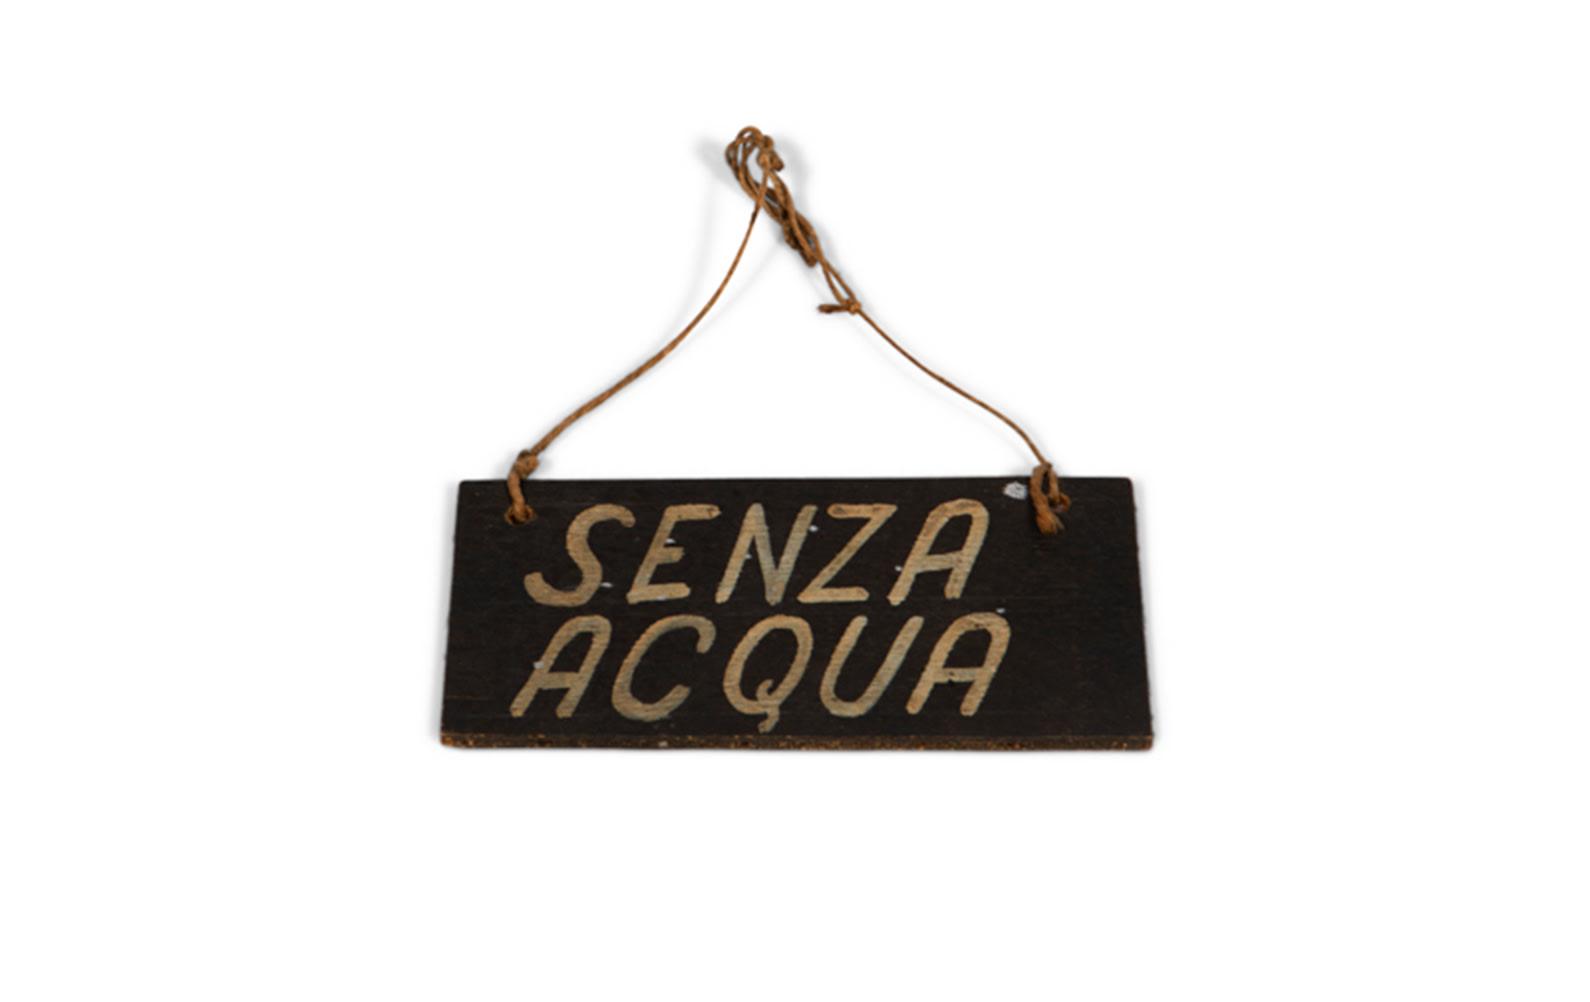 Scuderia Ferrari Shipping Tag with String, c. 1959